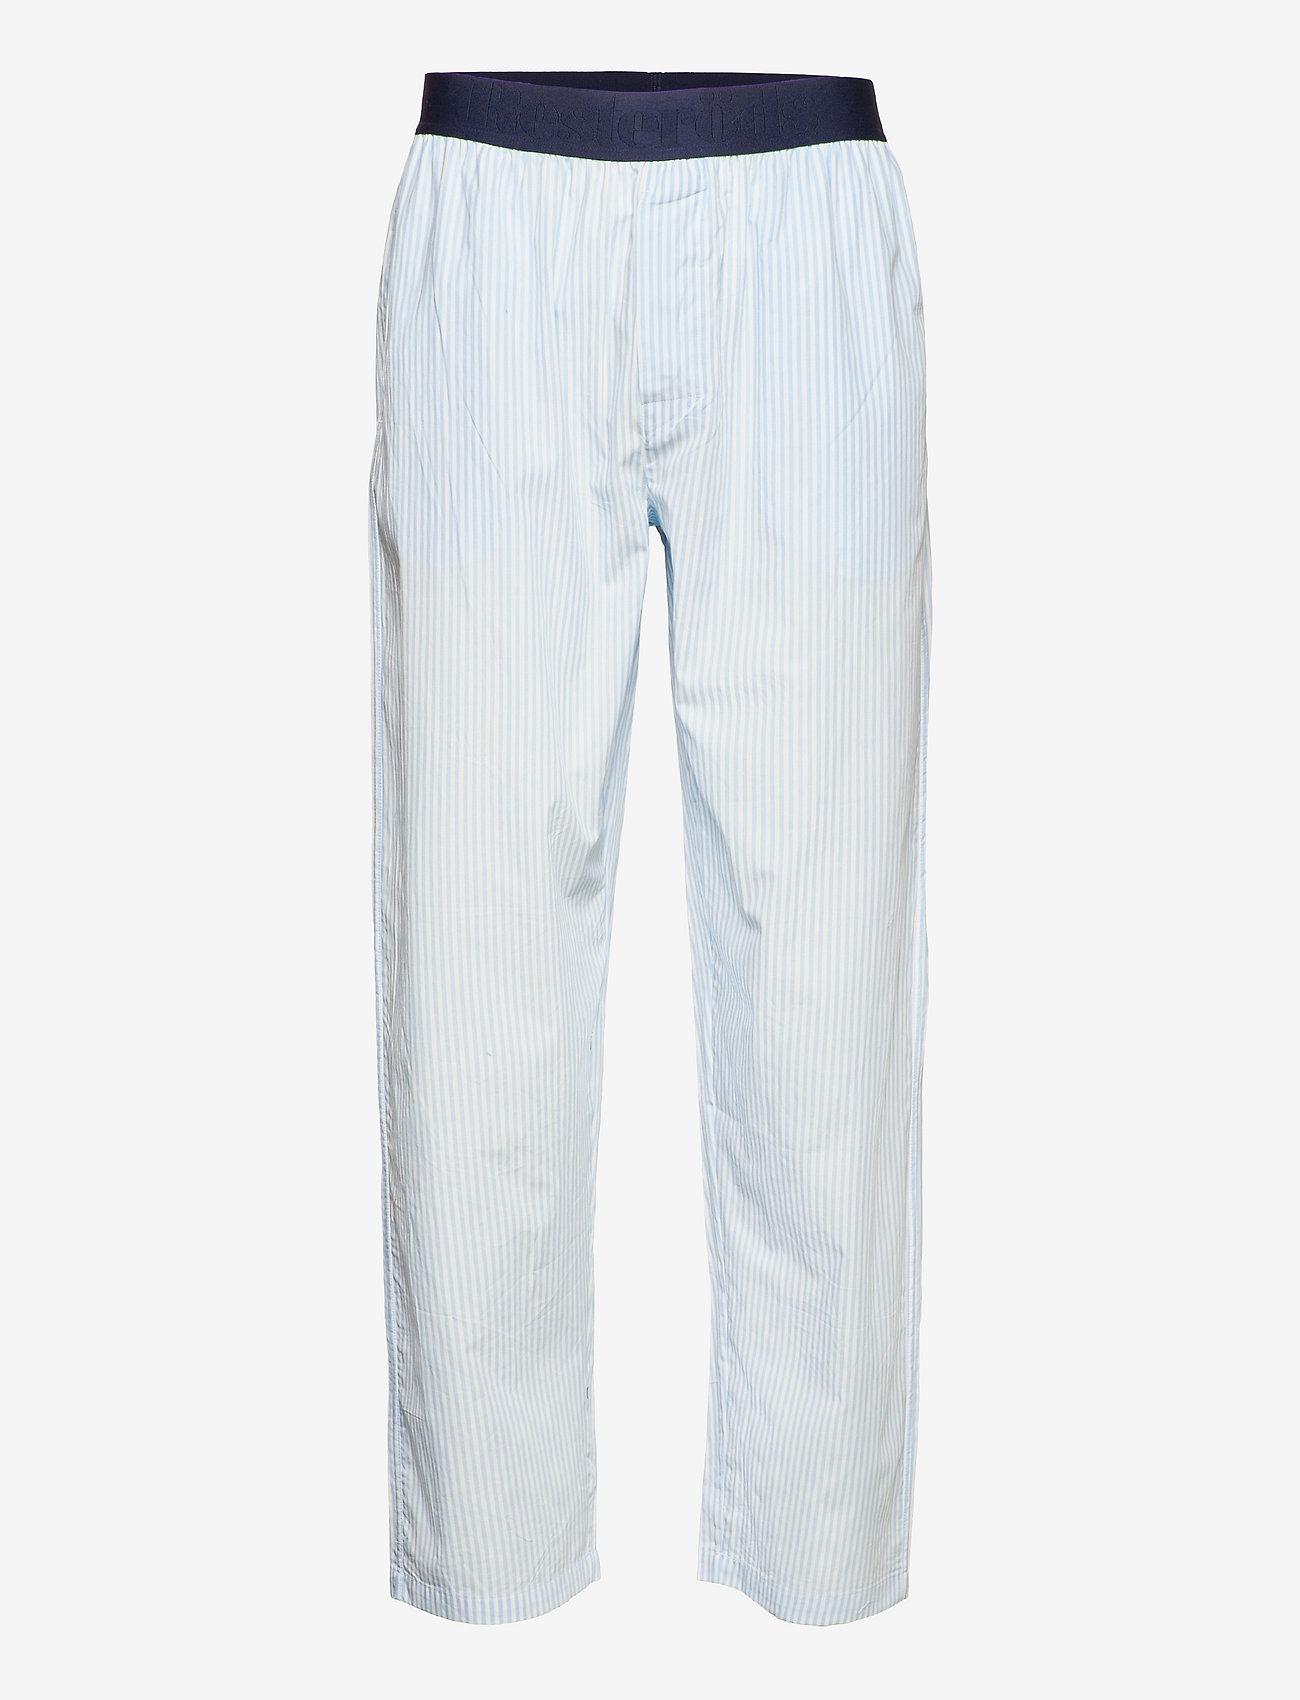 Resteröds - Resteröds Pyjamas pants Org. - bottoms - flerfärgad - 0